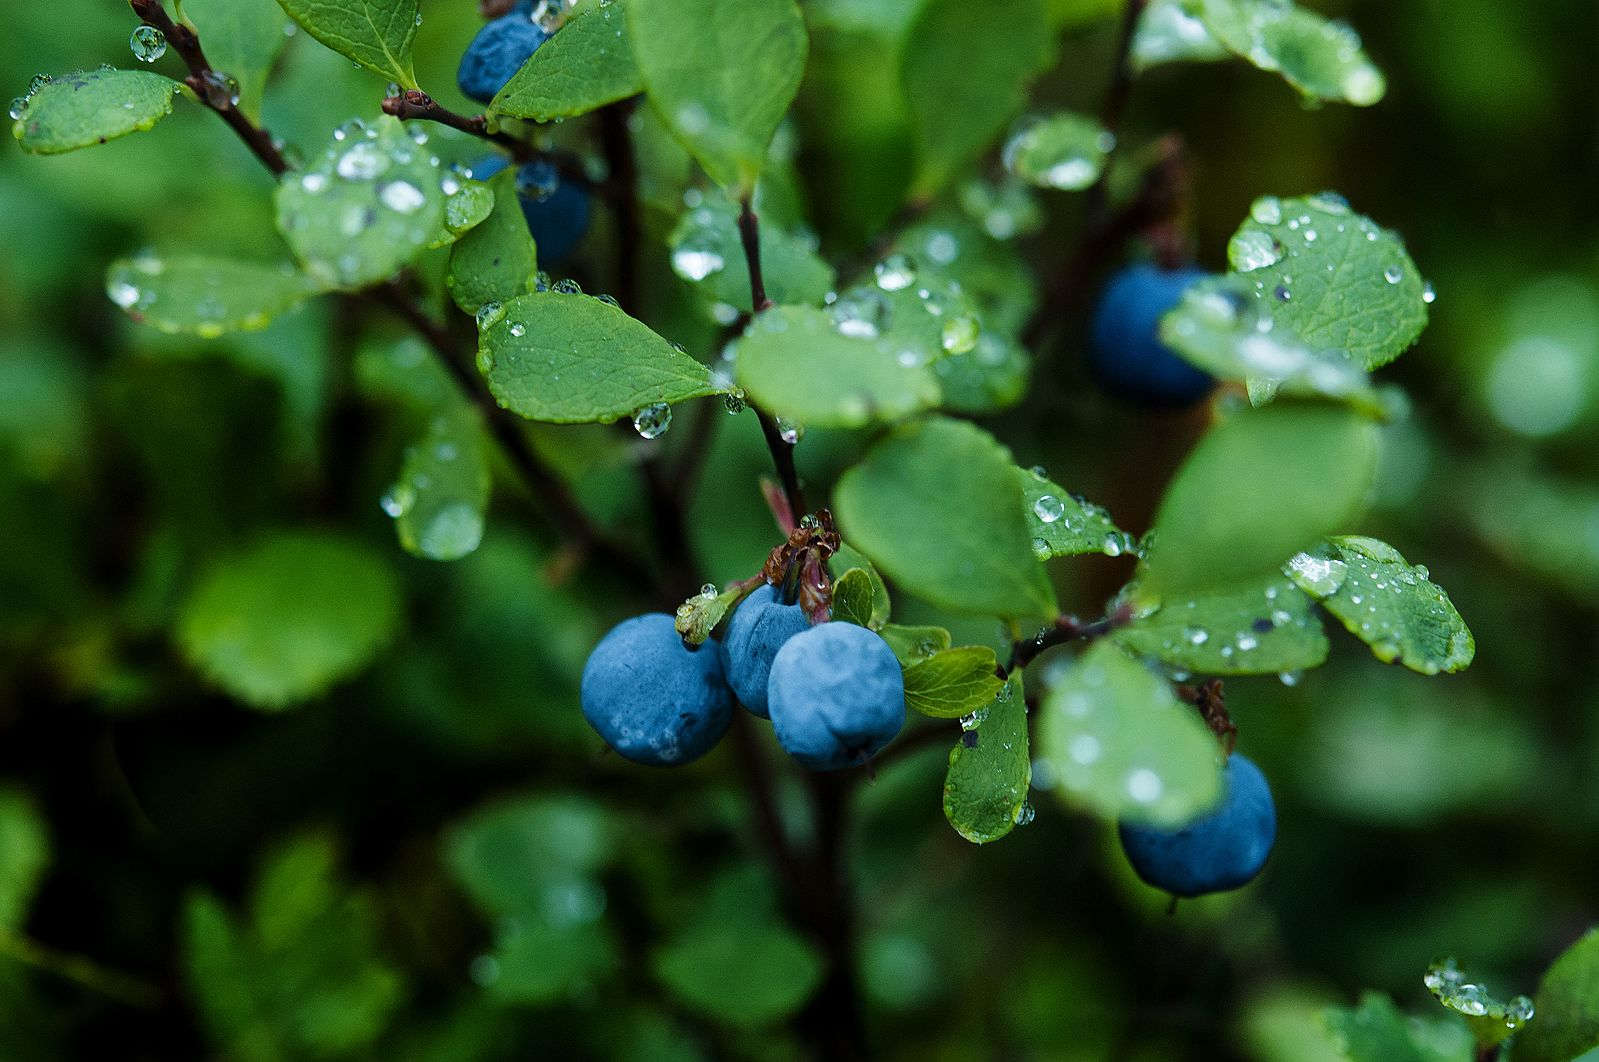 Vaccinium uliginosum - Bilberry - Linden Botanicals